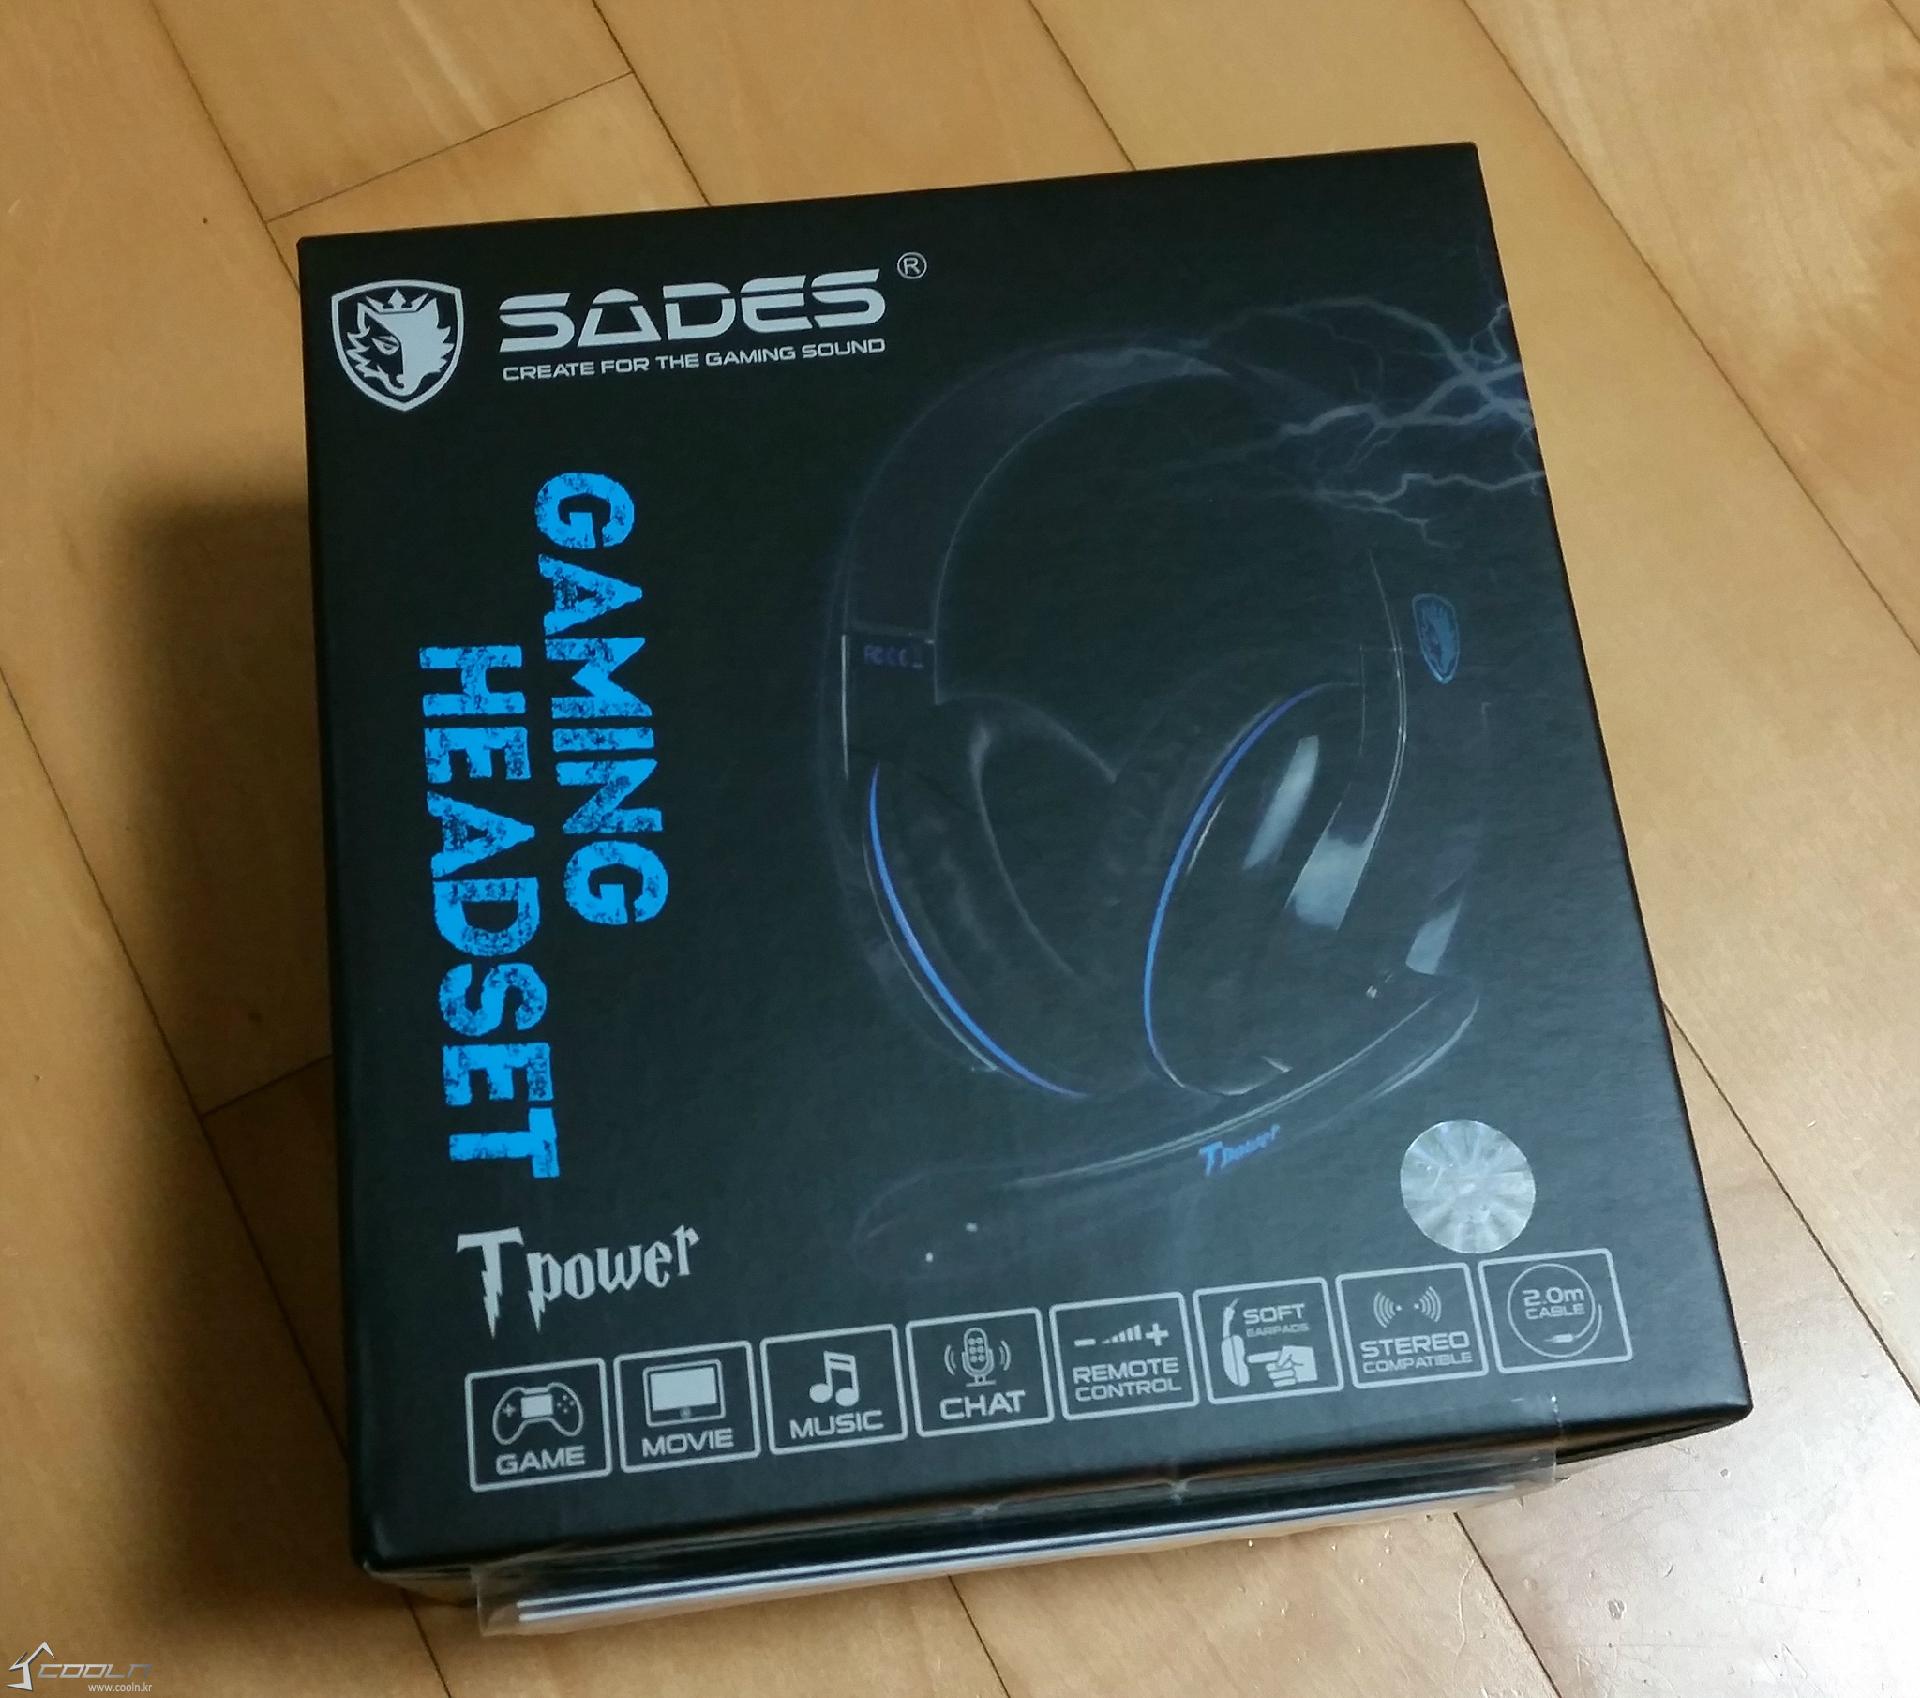 Sades Sa 701 Tpower Dpg T Power Gaming Headset